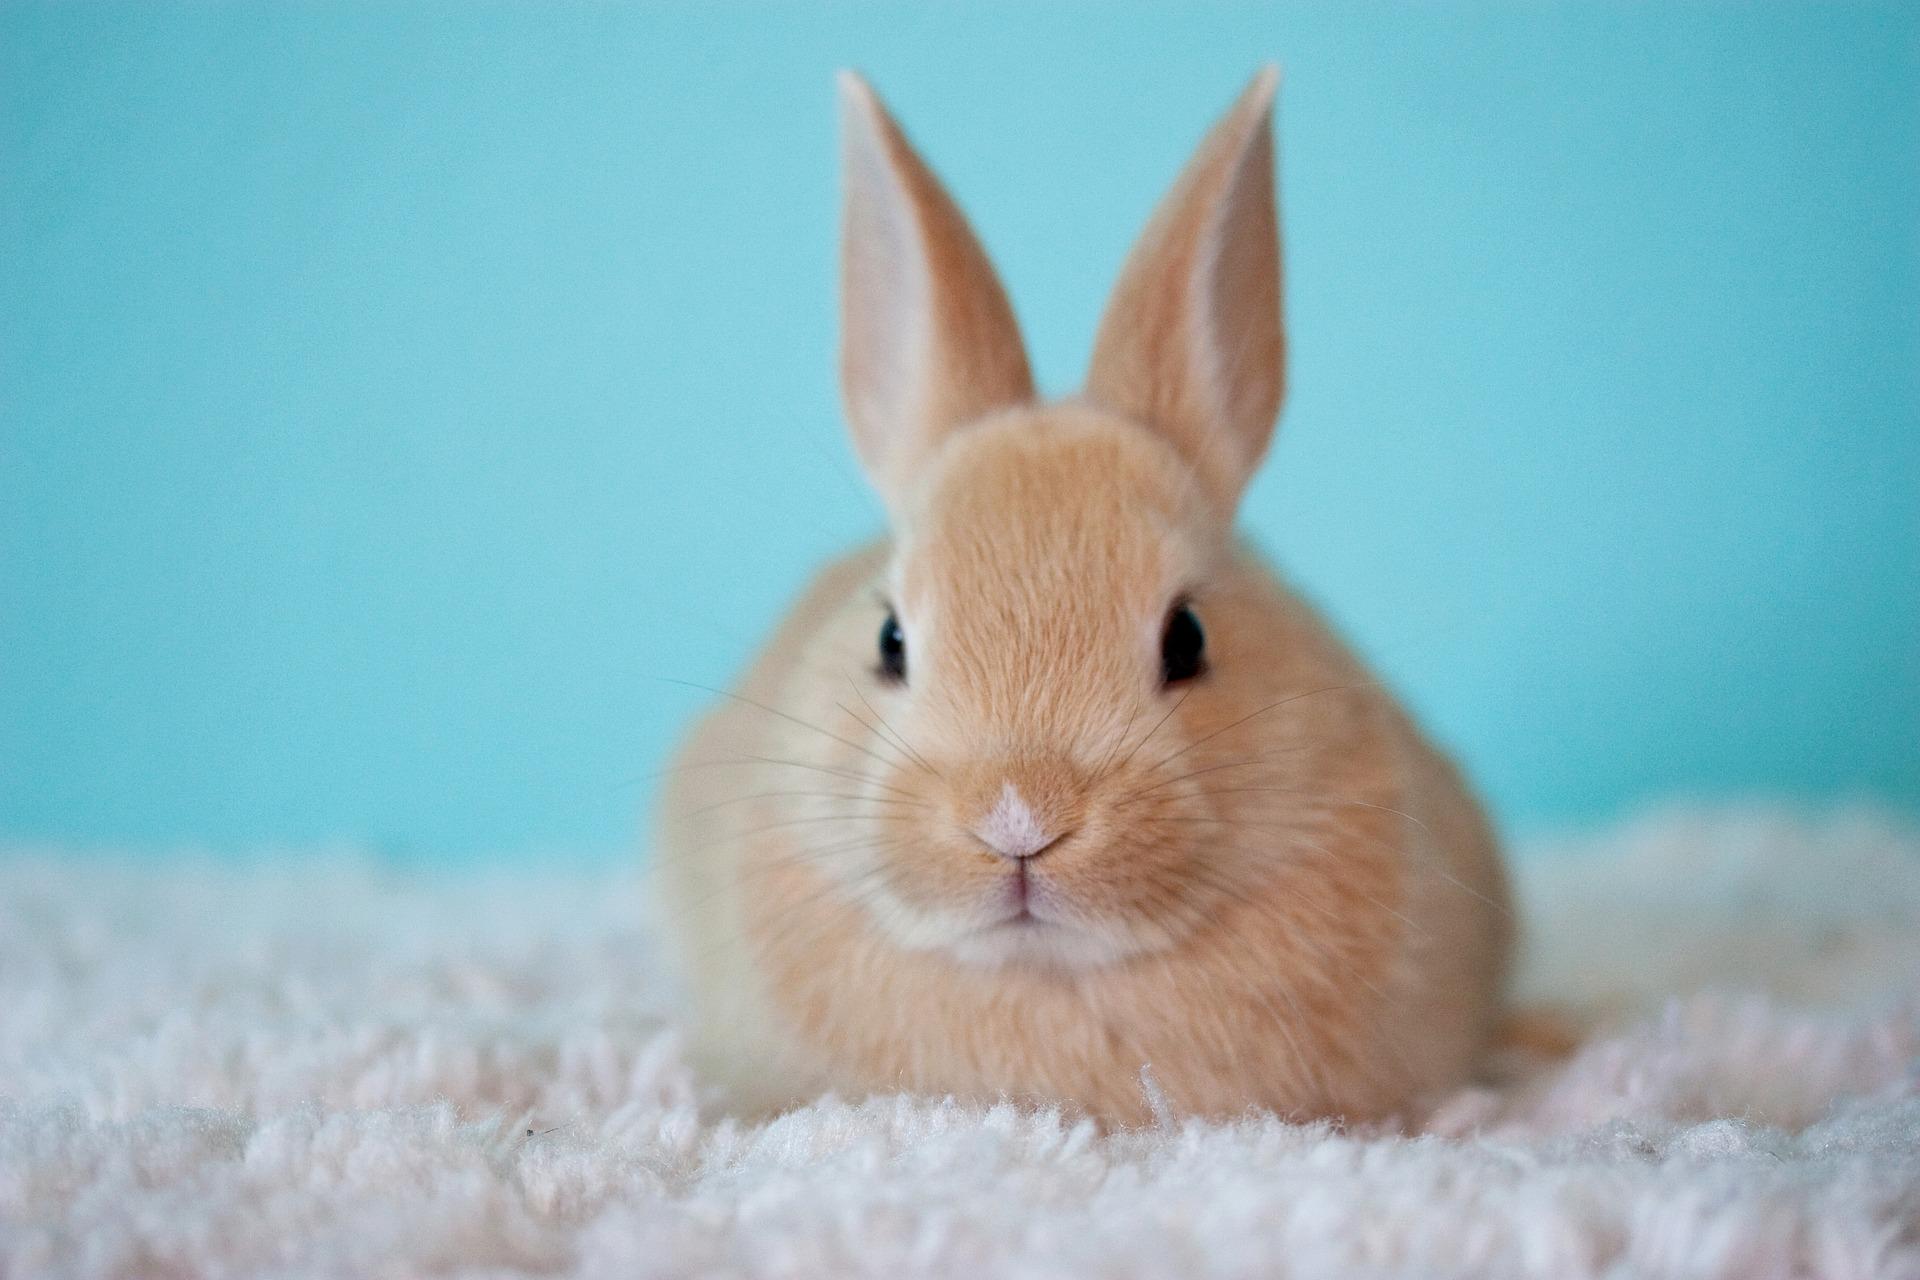 Undernumeroskoper og kaninmetoden